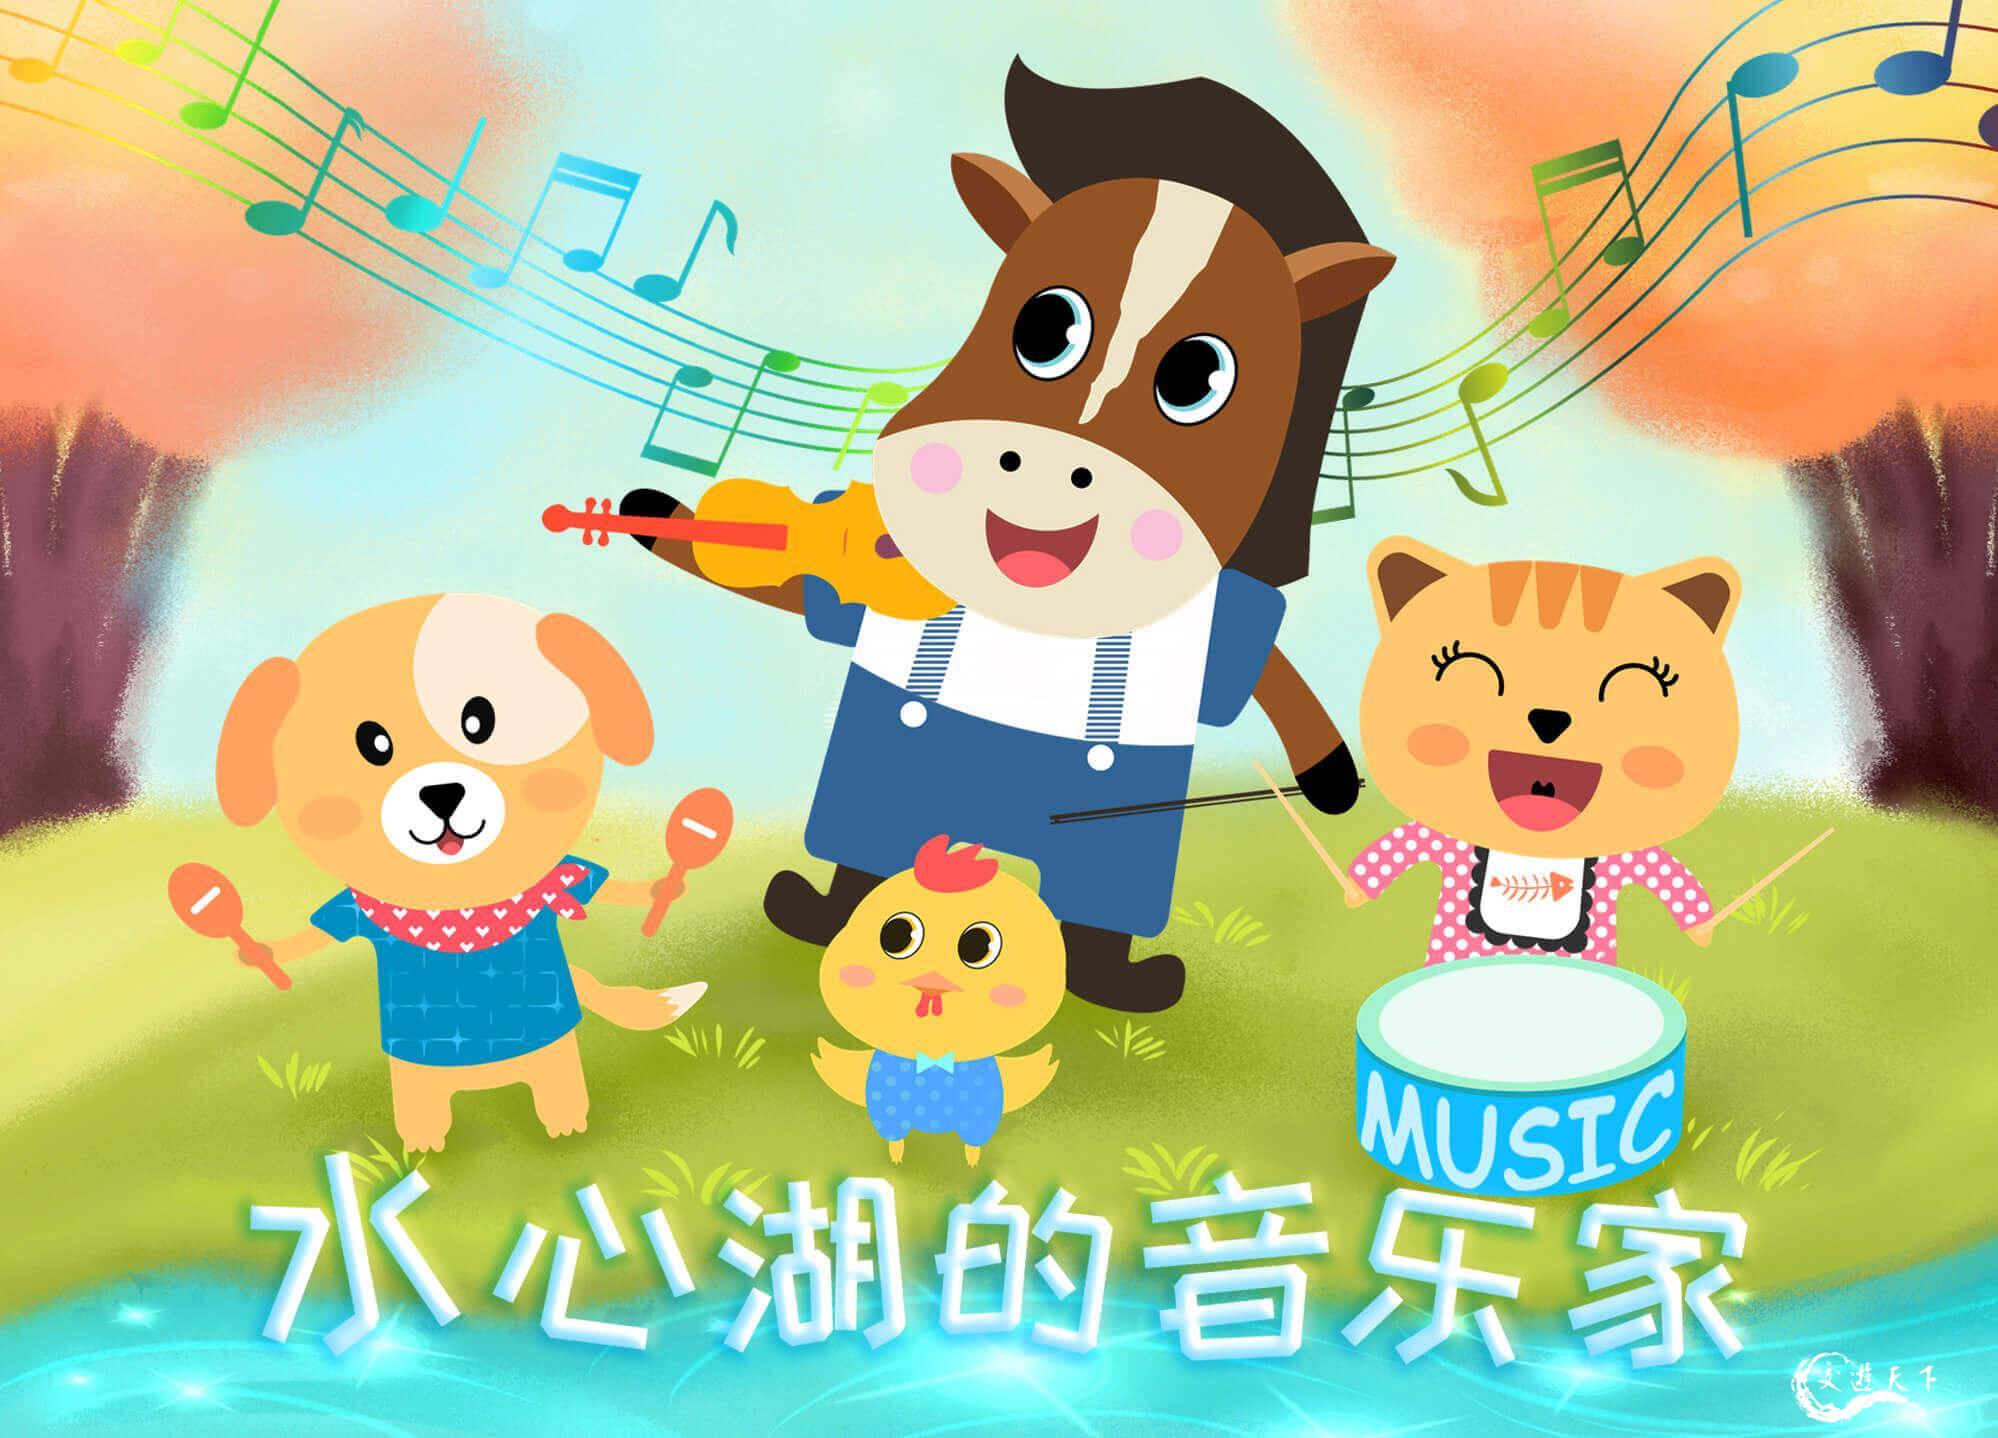 作品【水心湖的音乐家】一群小动物成为音乐家的故事